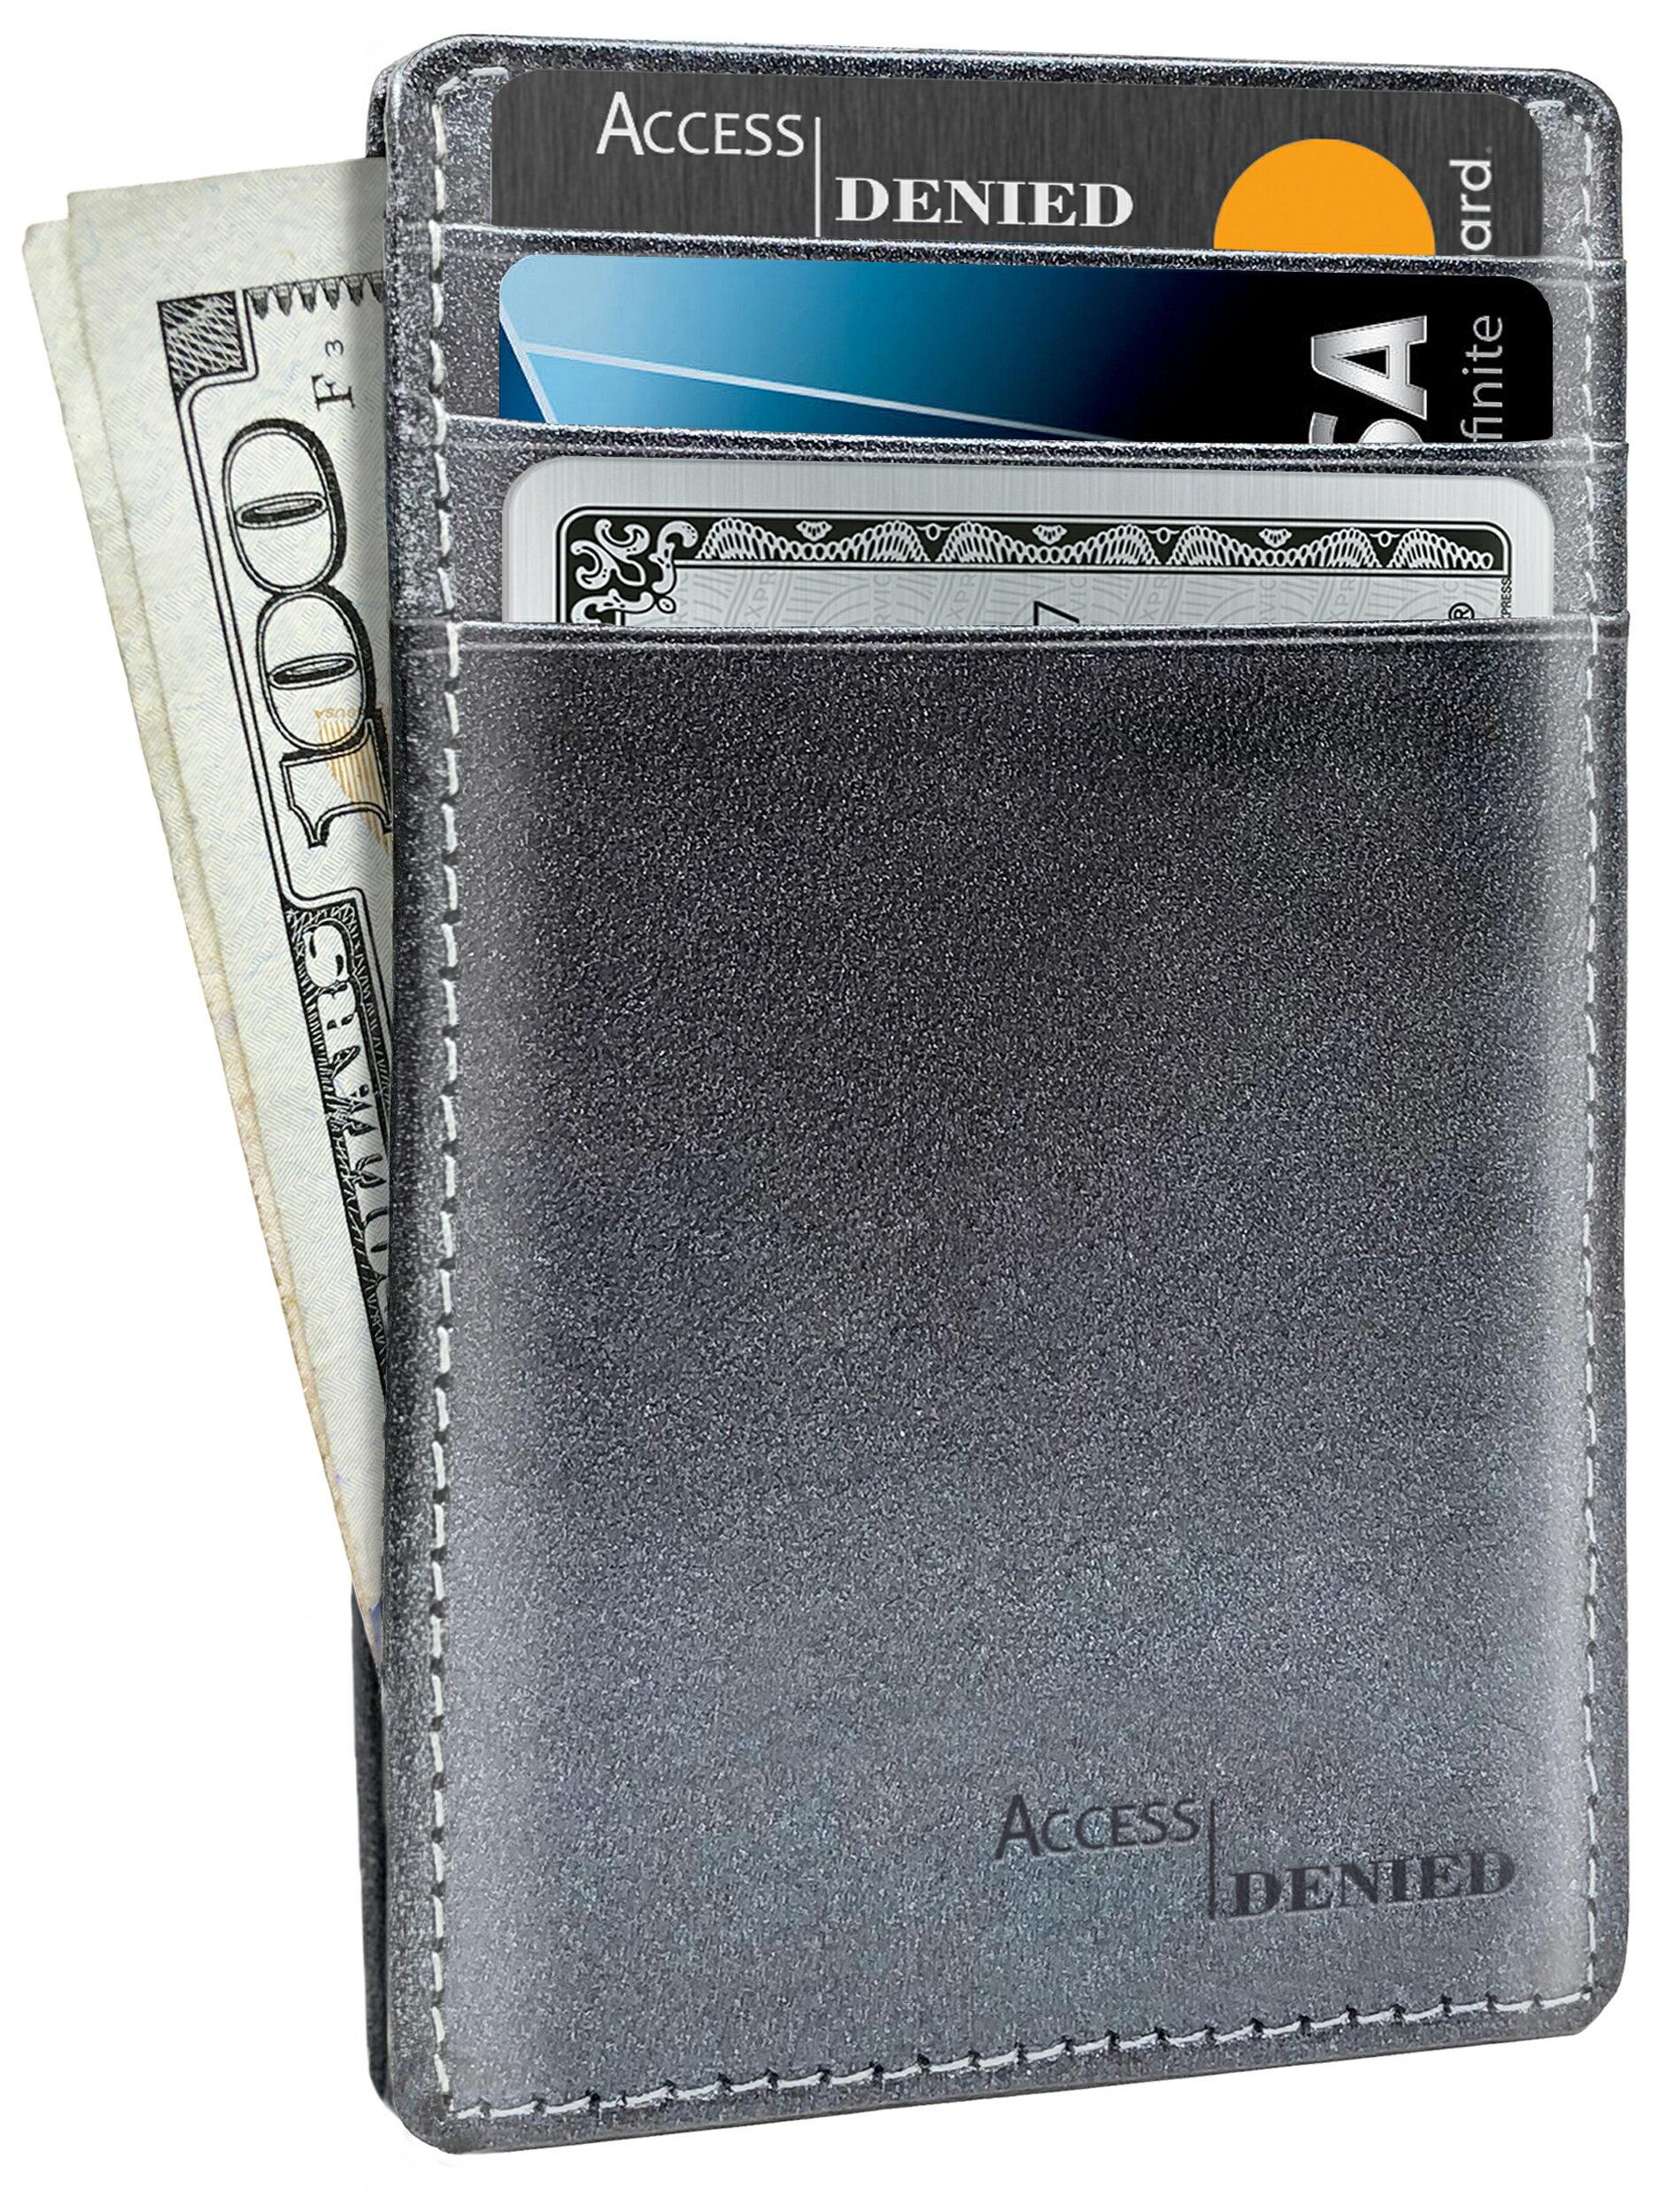 access denied slim minimalist wallets for men front pocket leather credit card holder rfid blocking - Leather Credit Card Holder